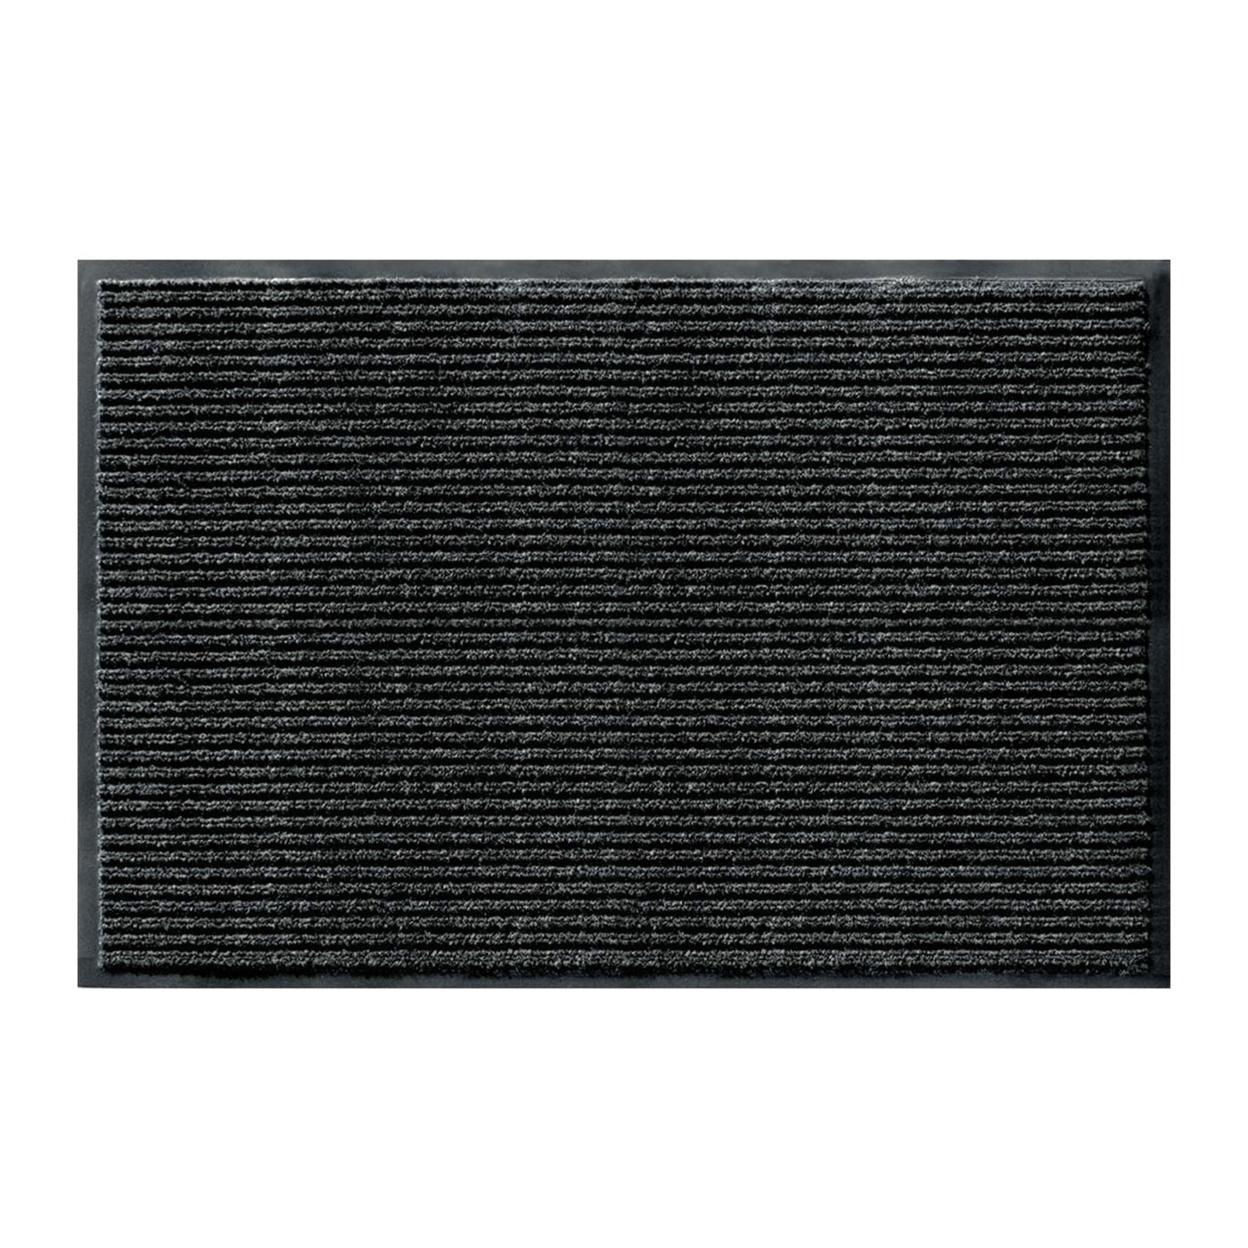 BuyMats Home Indoor Outdoor Apache Rib Mat - Pepper 5950e82d2a00e453106a50aa